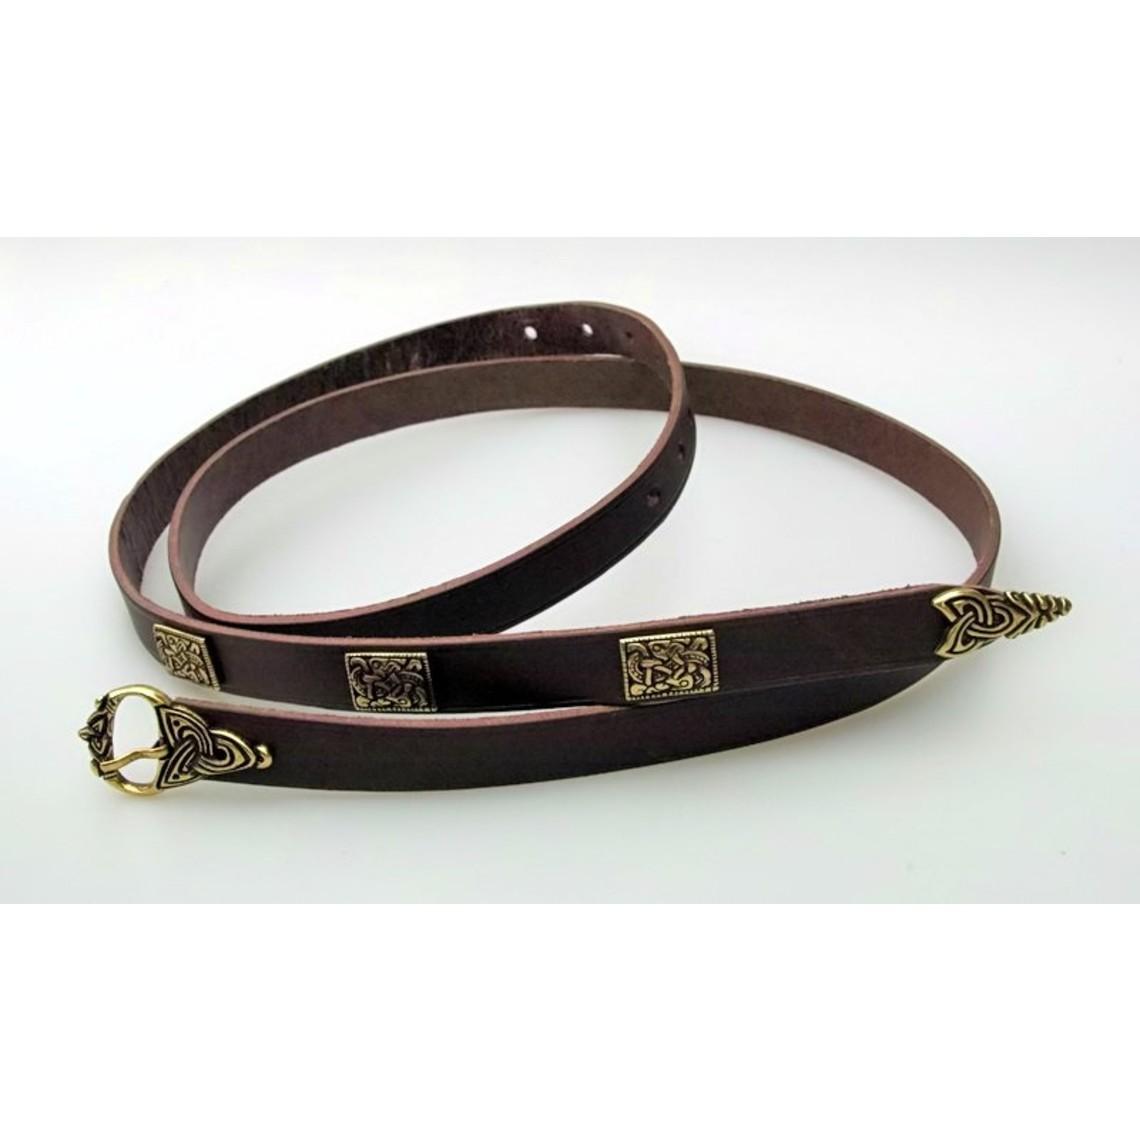 lujo de estilo de Viking cinturón de Borre, marrón, plateado